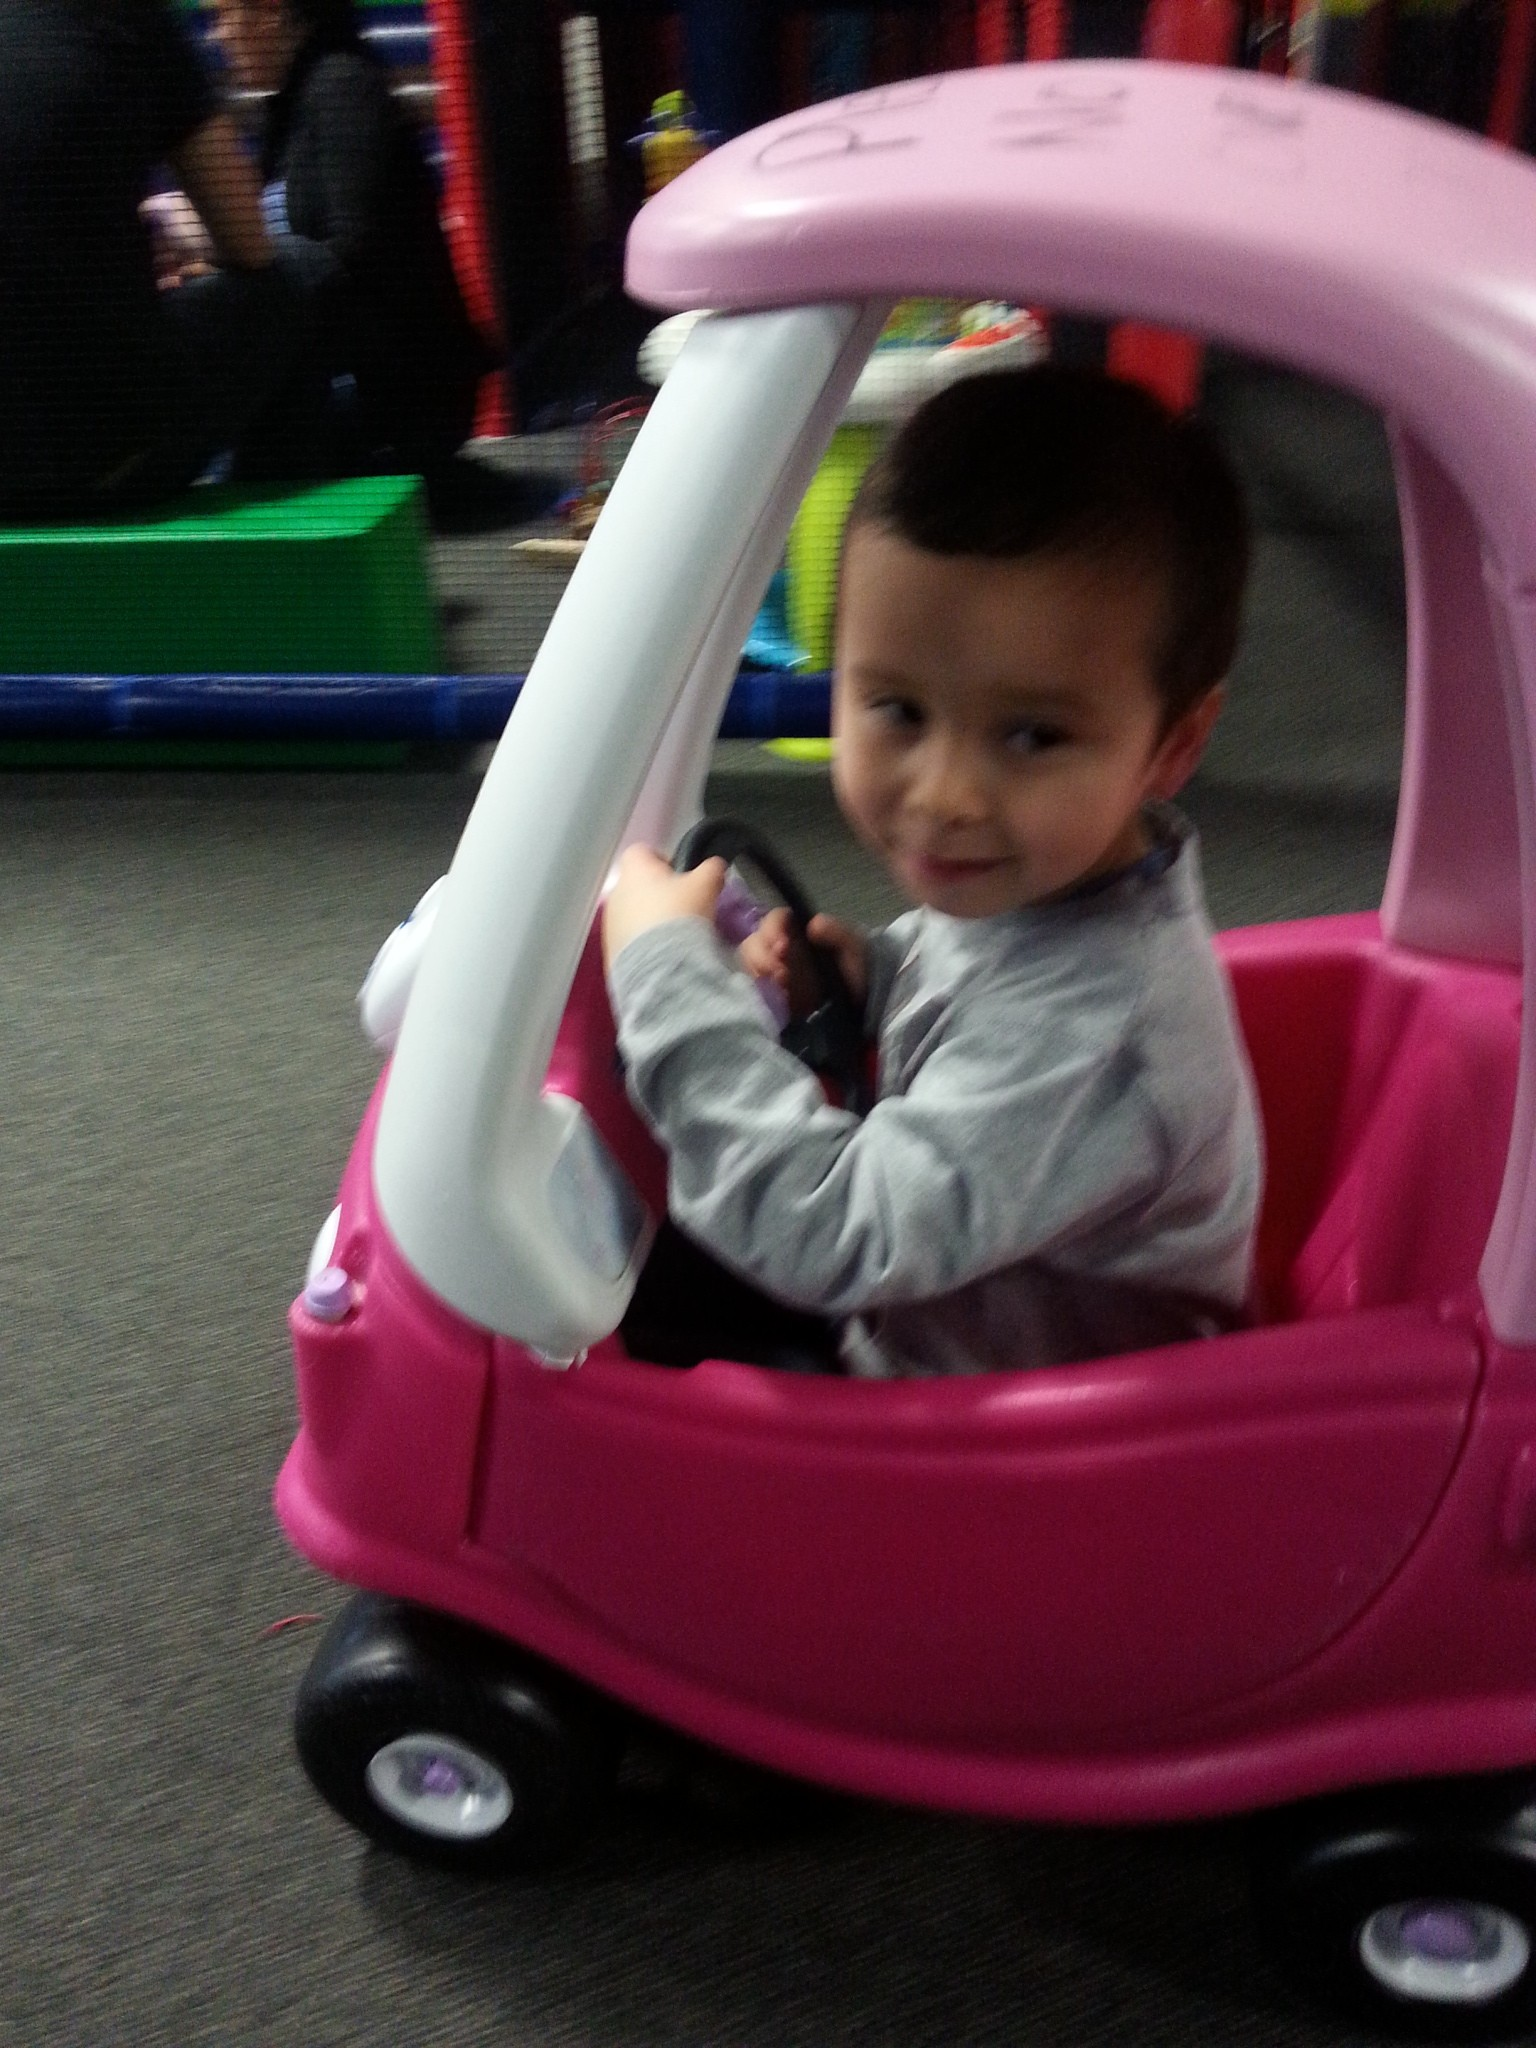 Hahaha nice car kid